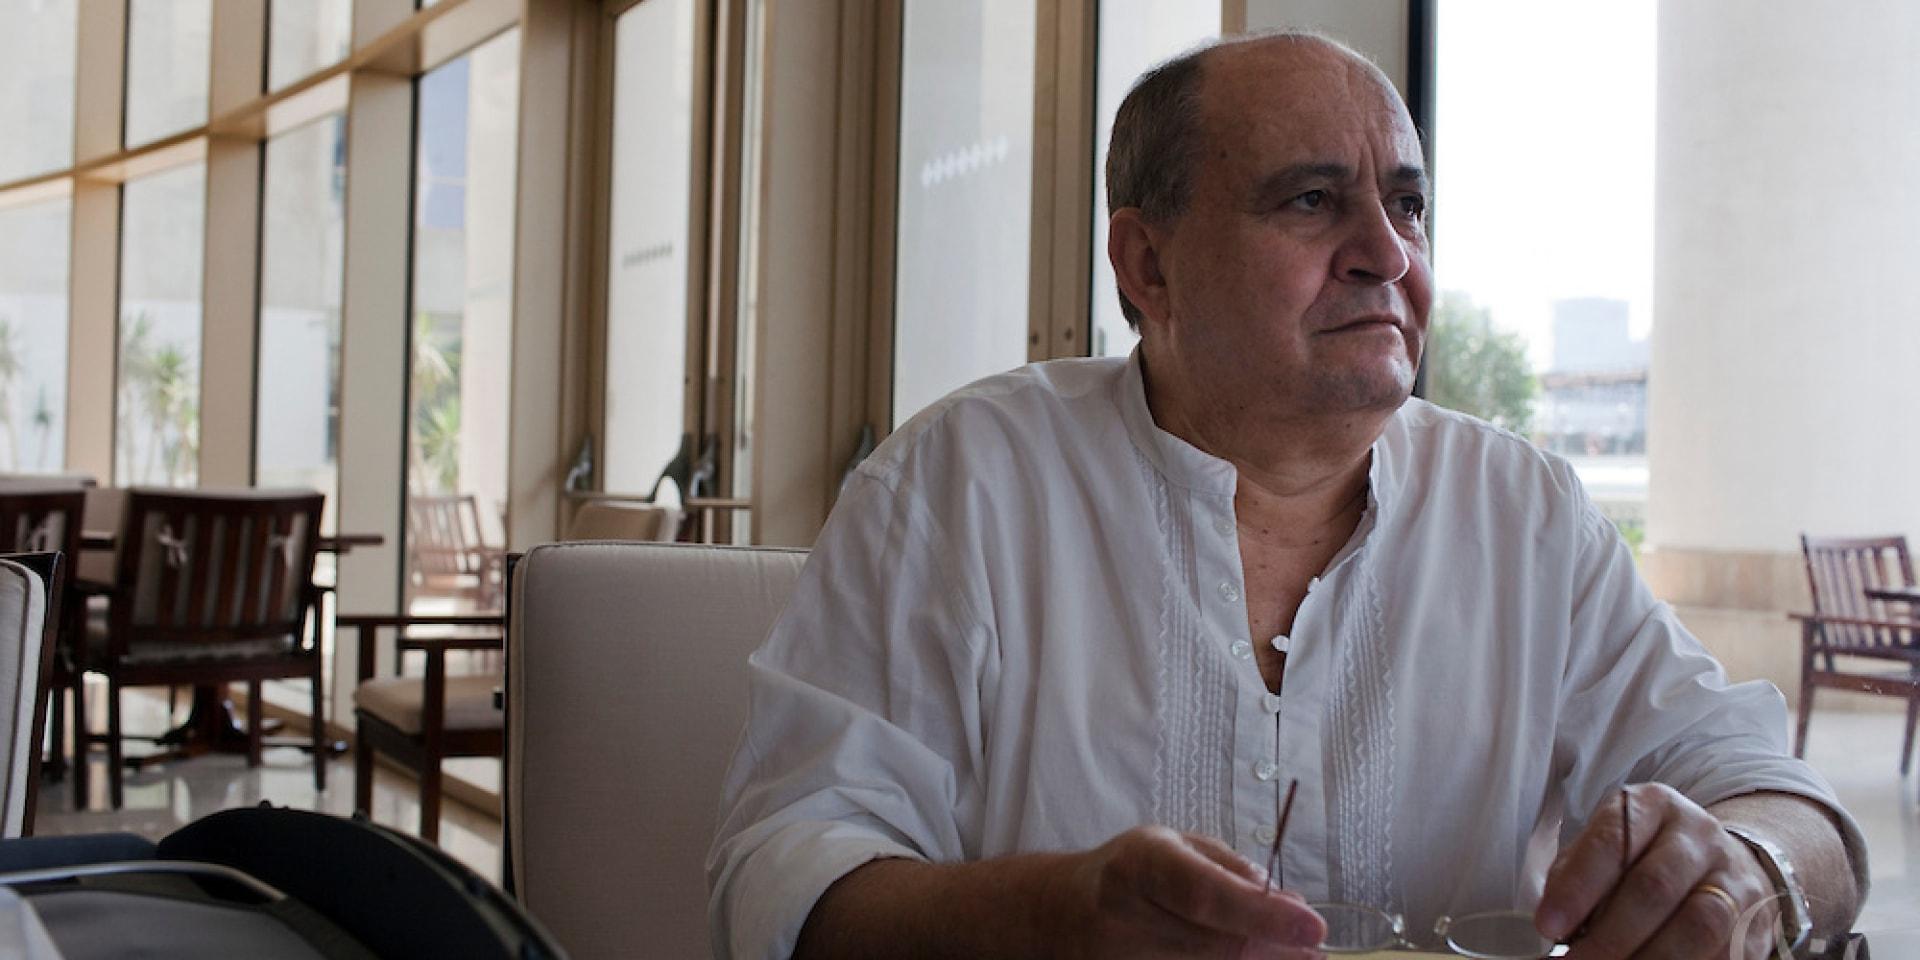 """الكاتب المصري وحيد حامد: الجزء الثاني من """"الجماعة"""" سيعرض في رمضان ومصر خسرت كثيرا في فترة حكم الإخوان"""